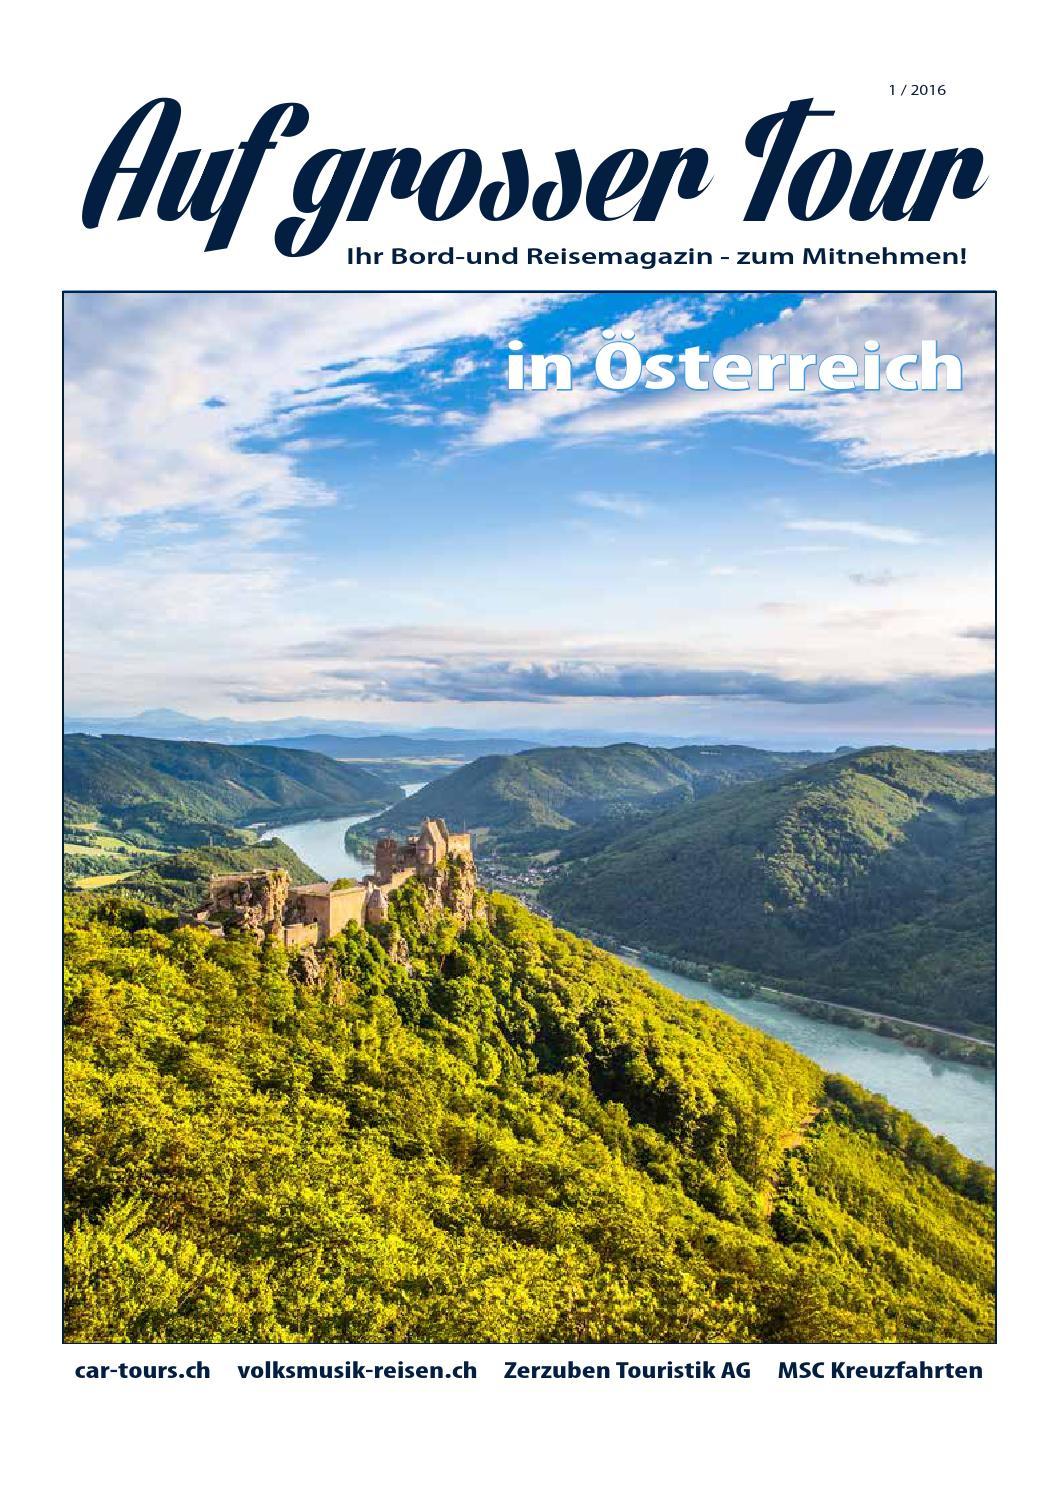 Bord  Und Reisemagazin 1/2016 By Zerzuben Touristik AG   Issuu